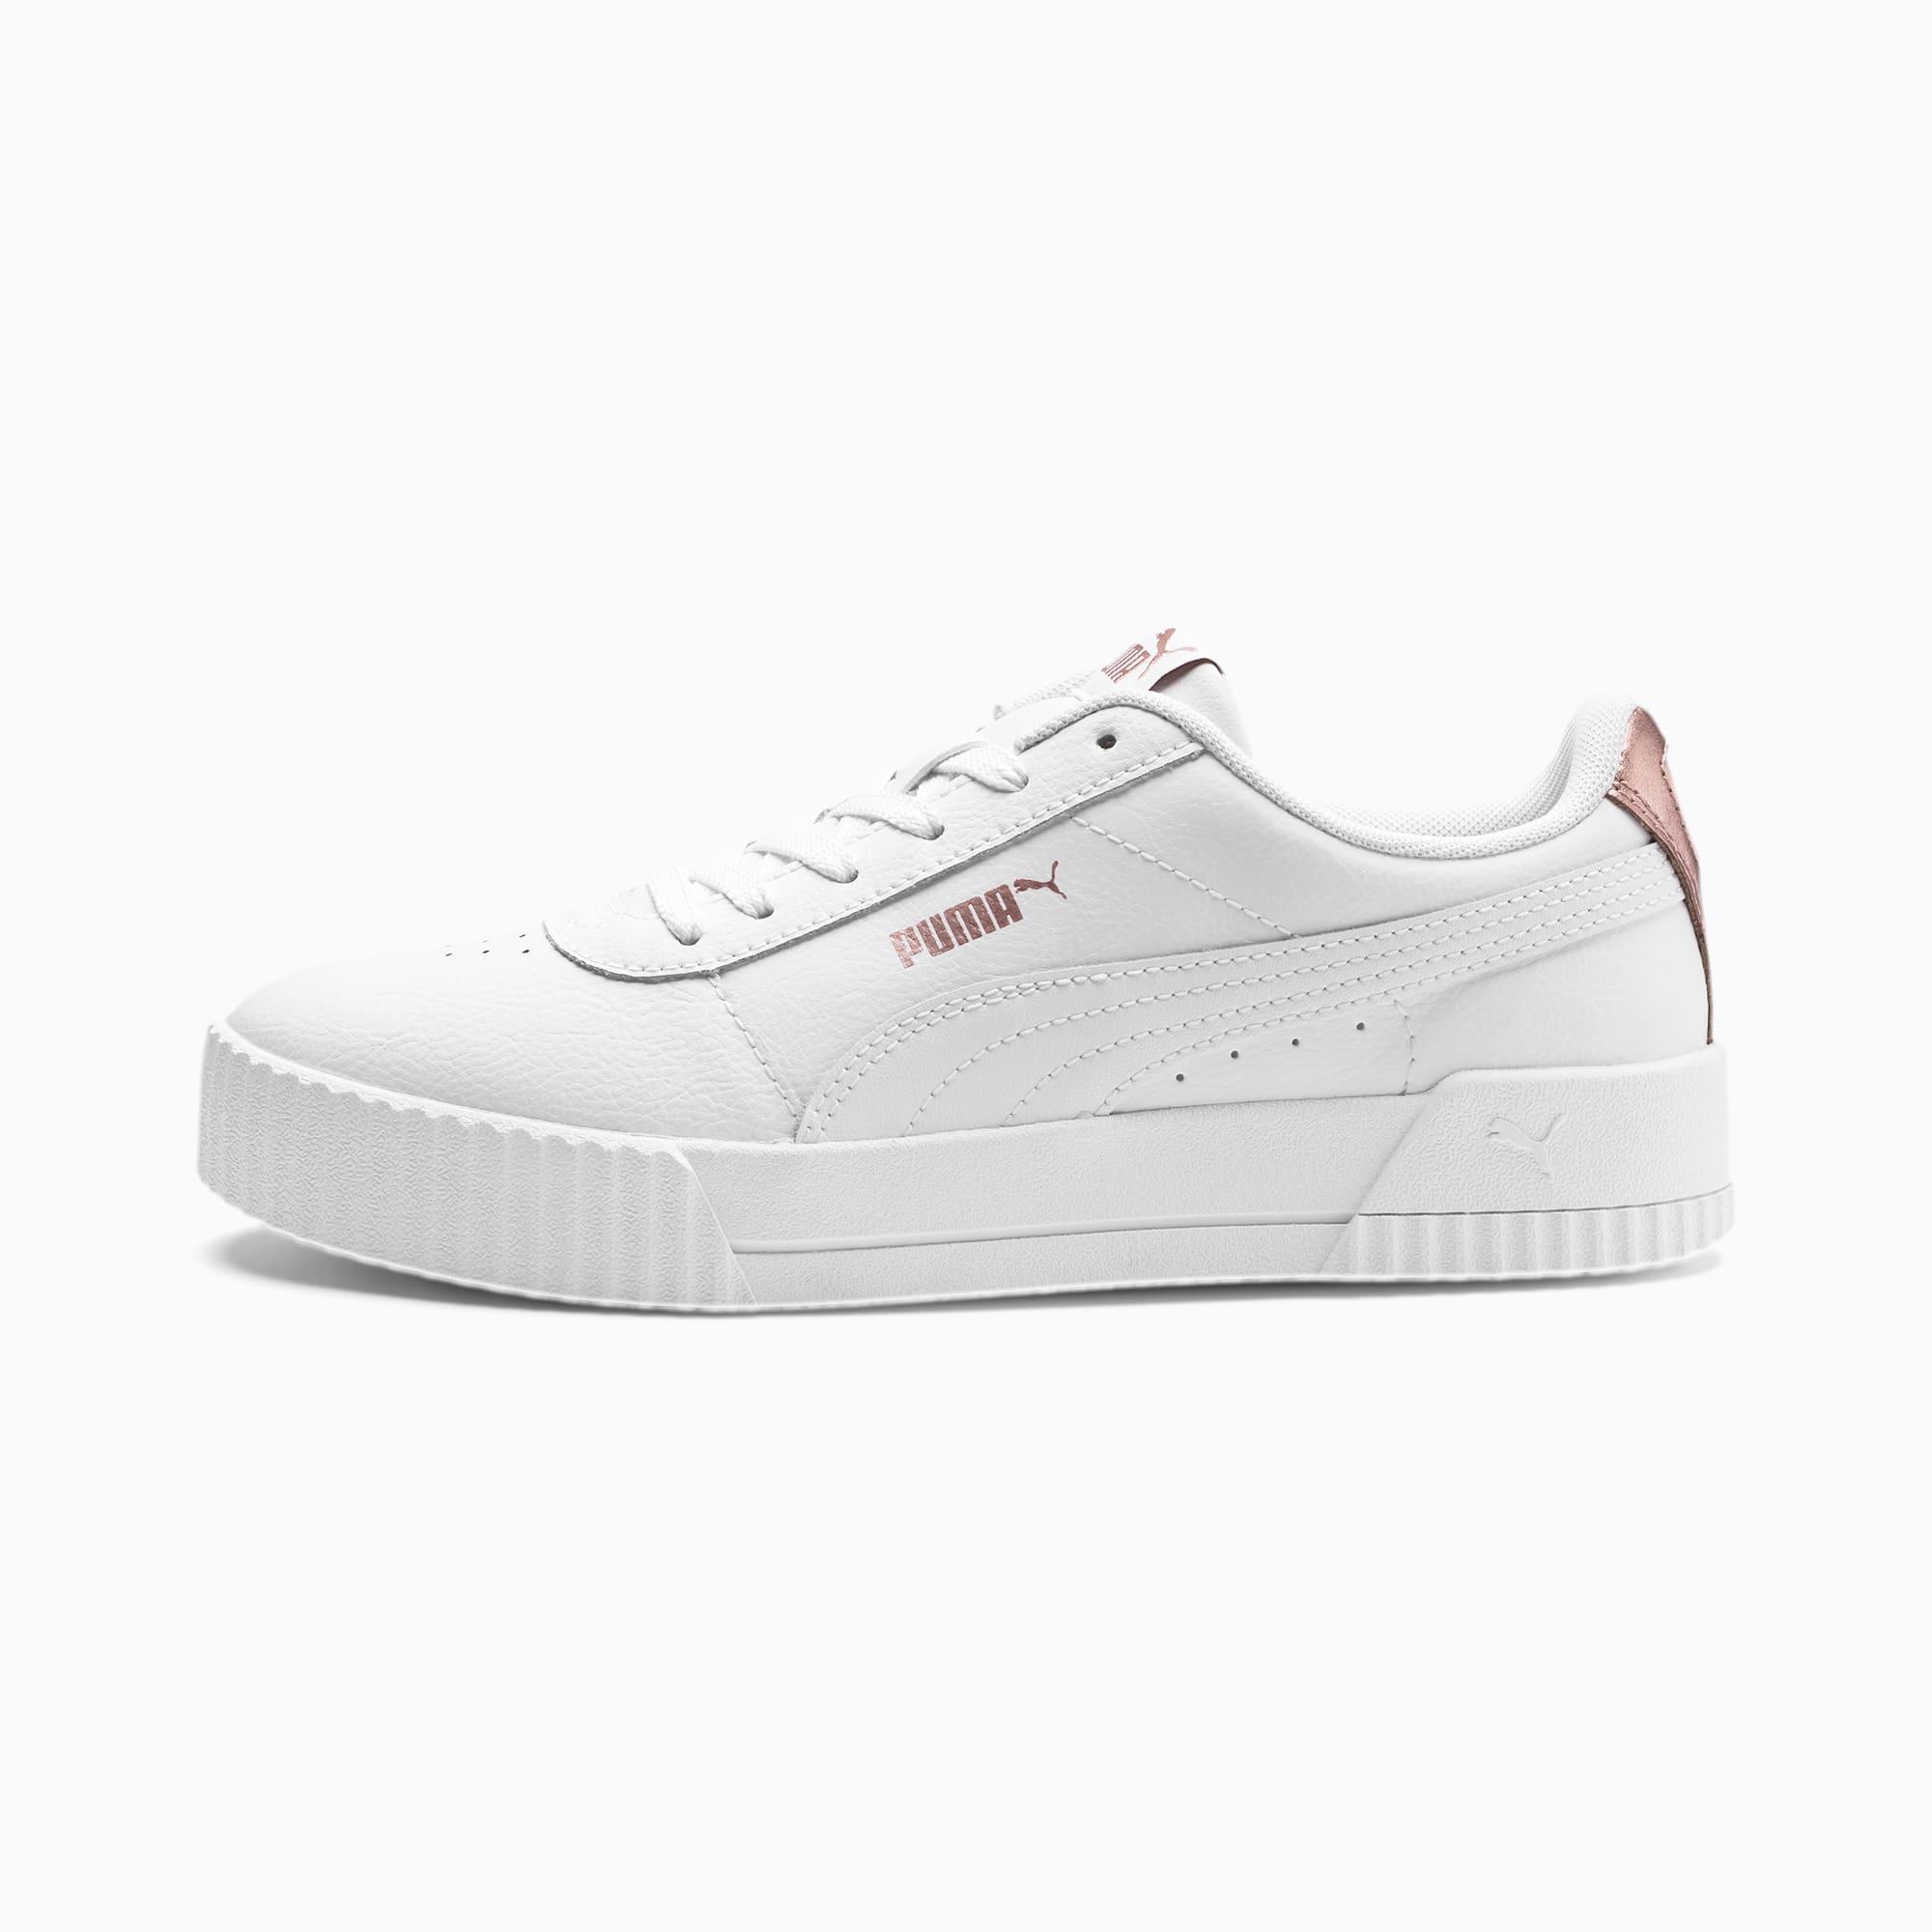 scarpe della puma donna